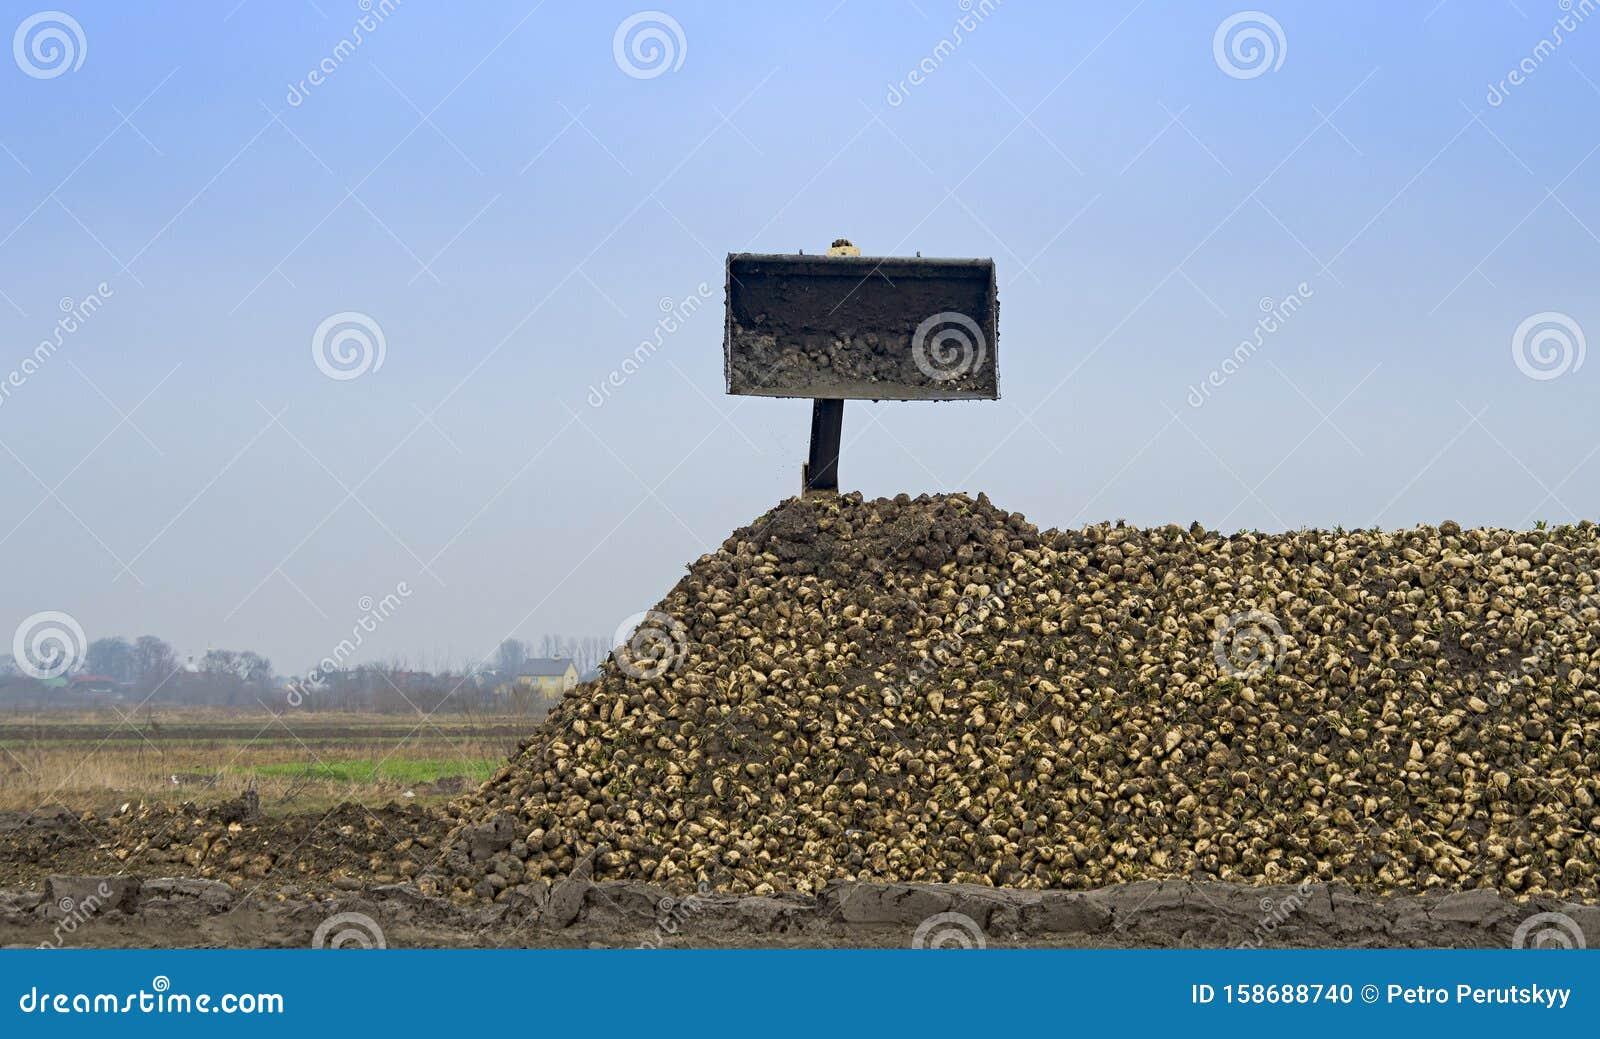 Farmers harvest sugar beet